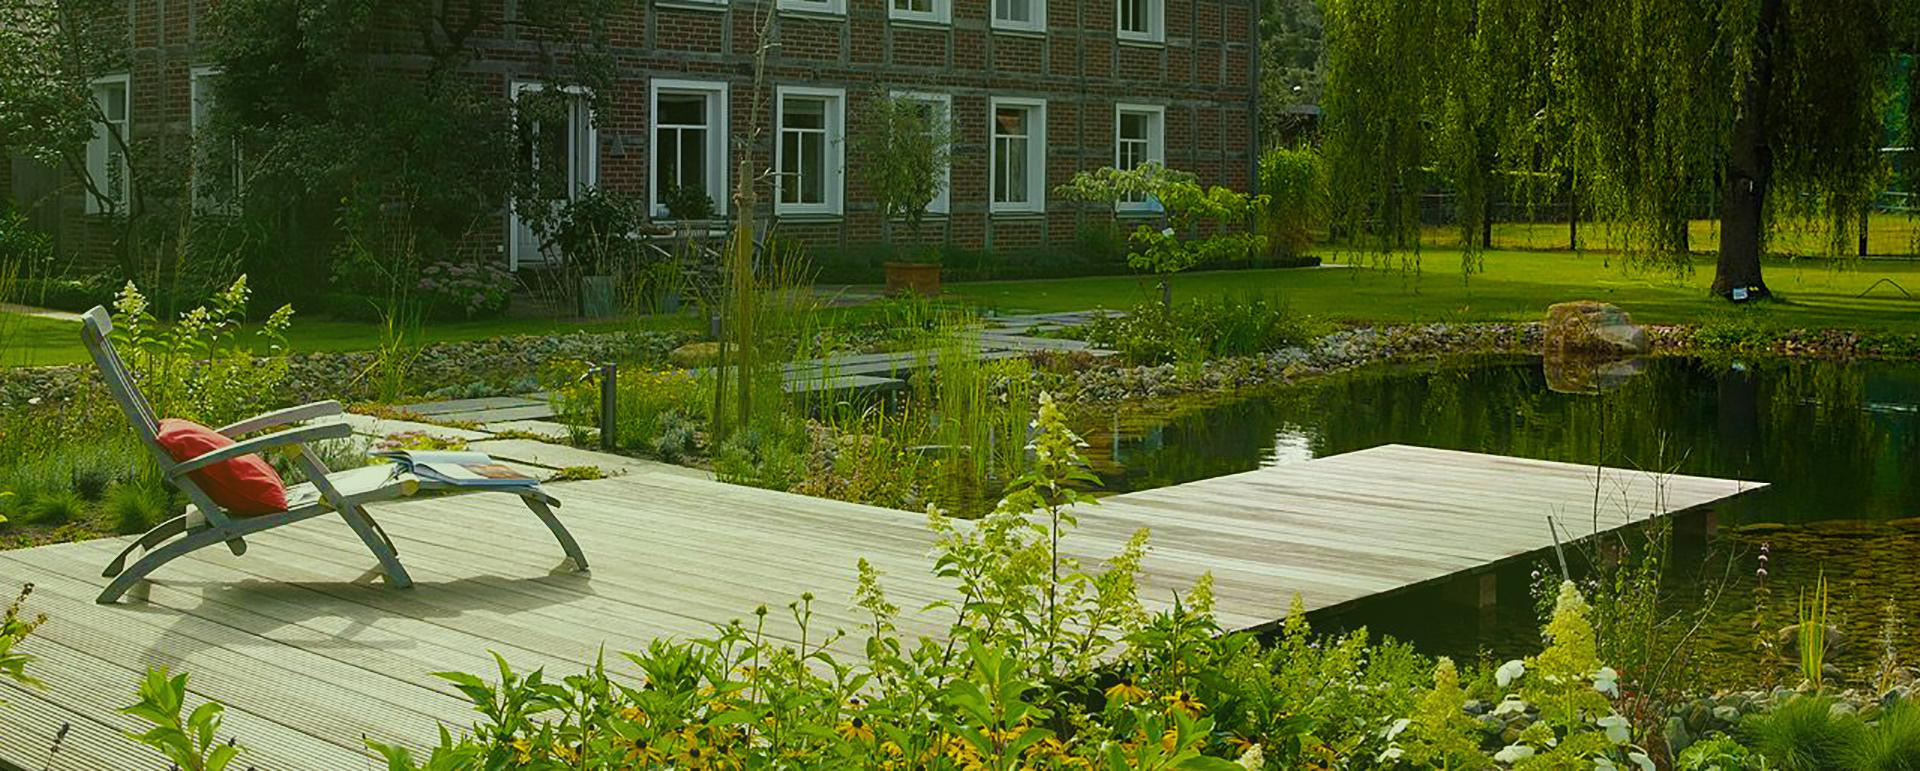 Home Senger Gartendesign Gmbh